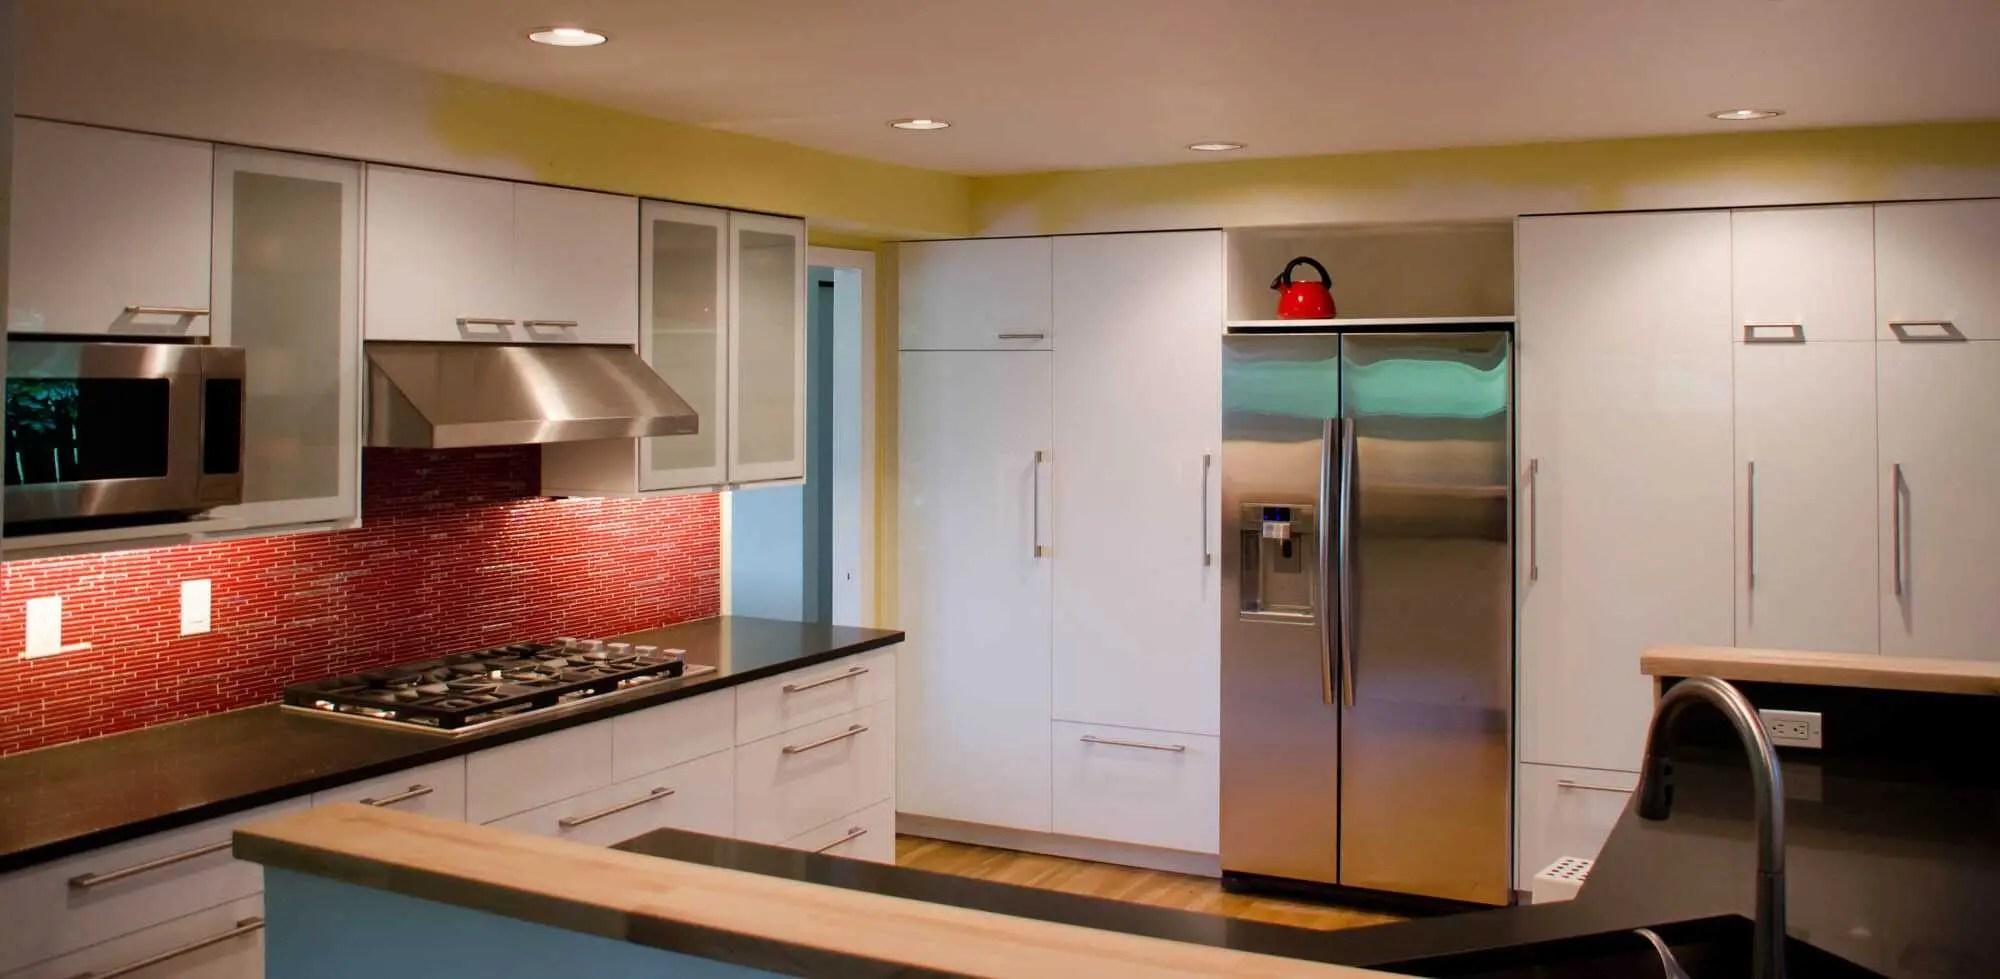 ikea kitchen wall cabinets kitchen wall cabinets DIY Fauxdenza From Ikea Kitchen Cabinets